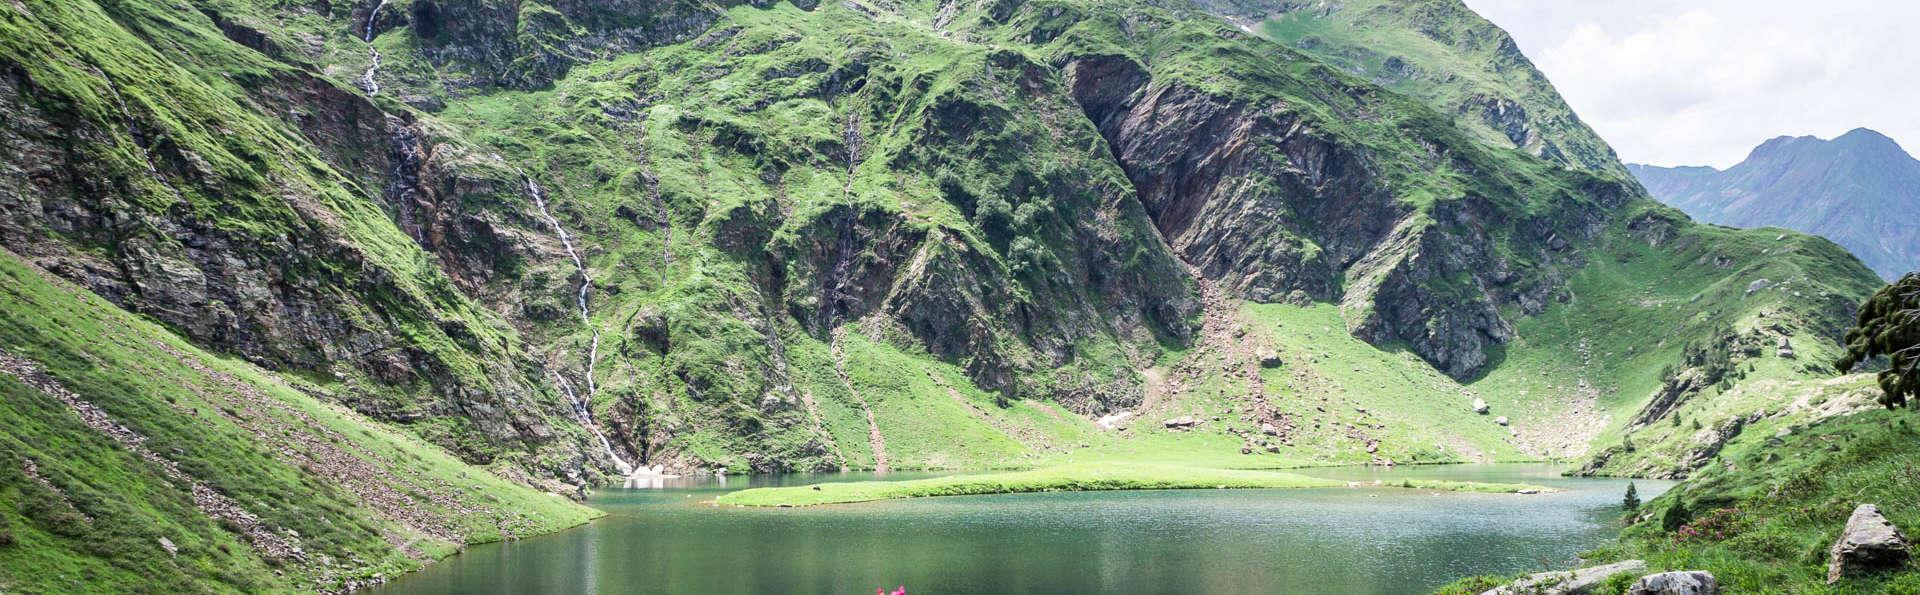 Évadez-vous au pied des Pyrénées